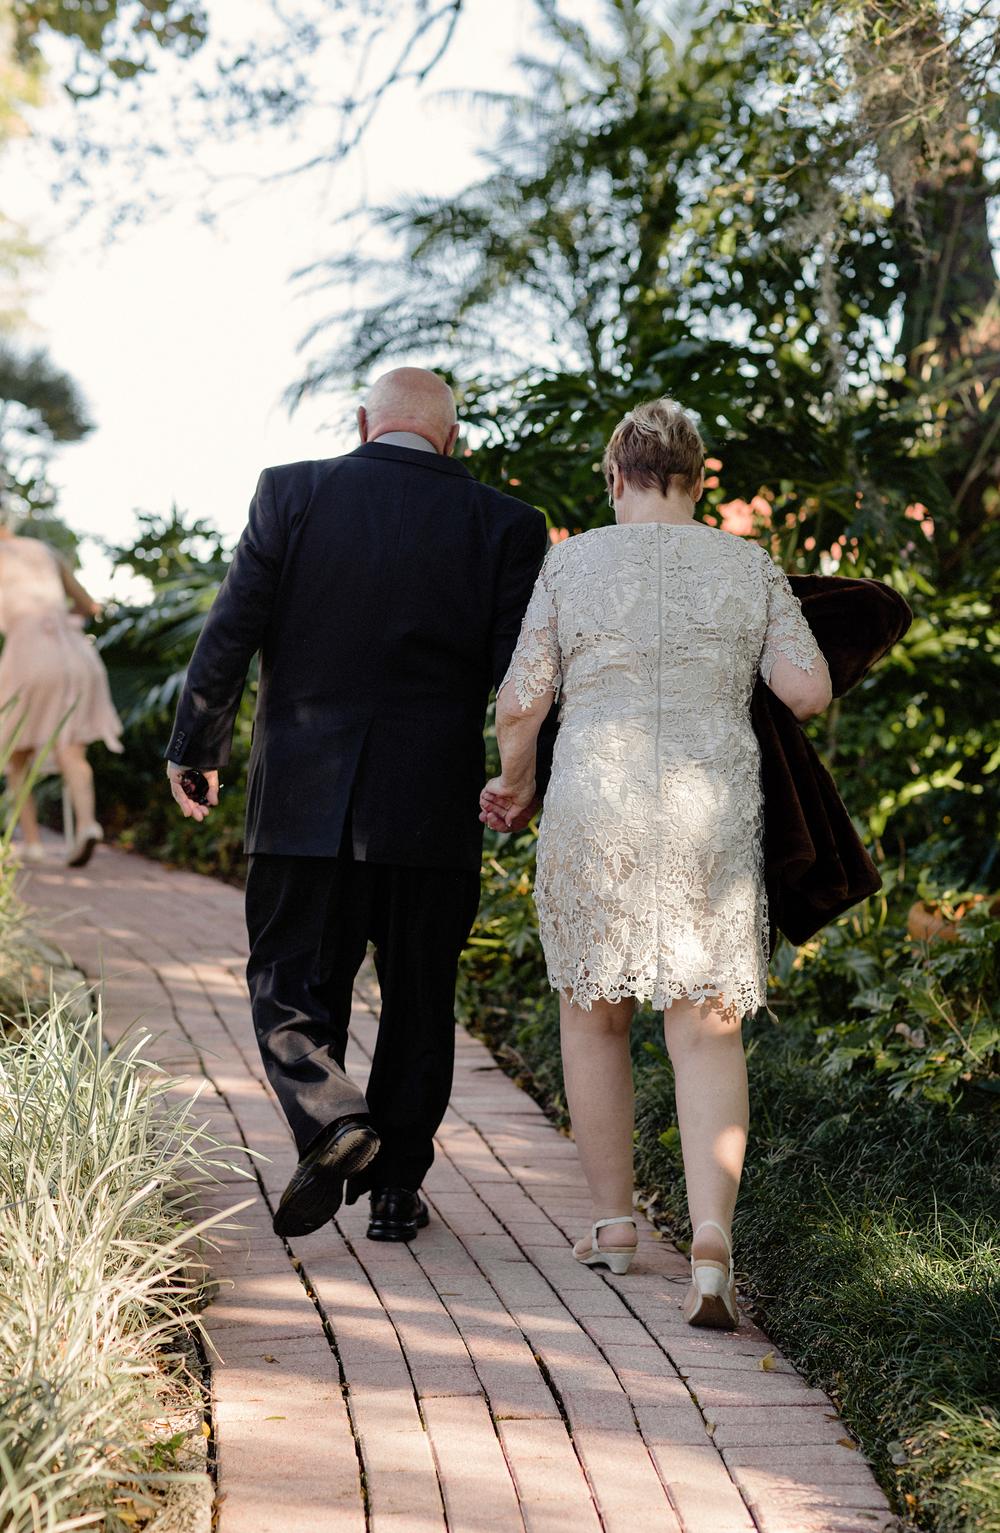 Orlando Wedding | Vanessa Boy |VANESSABOY.COM-307.com final set .jpg